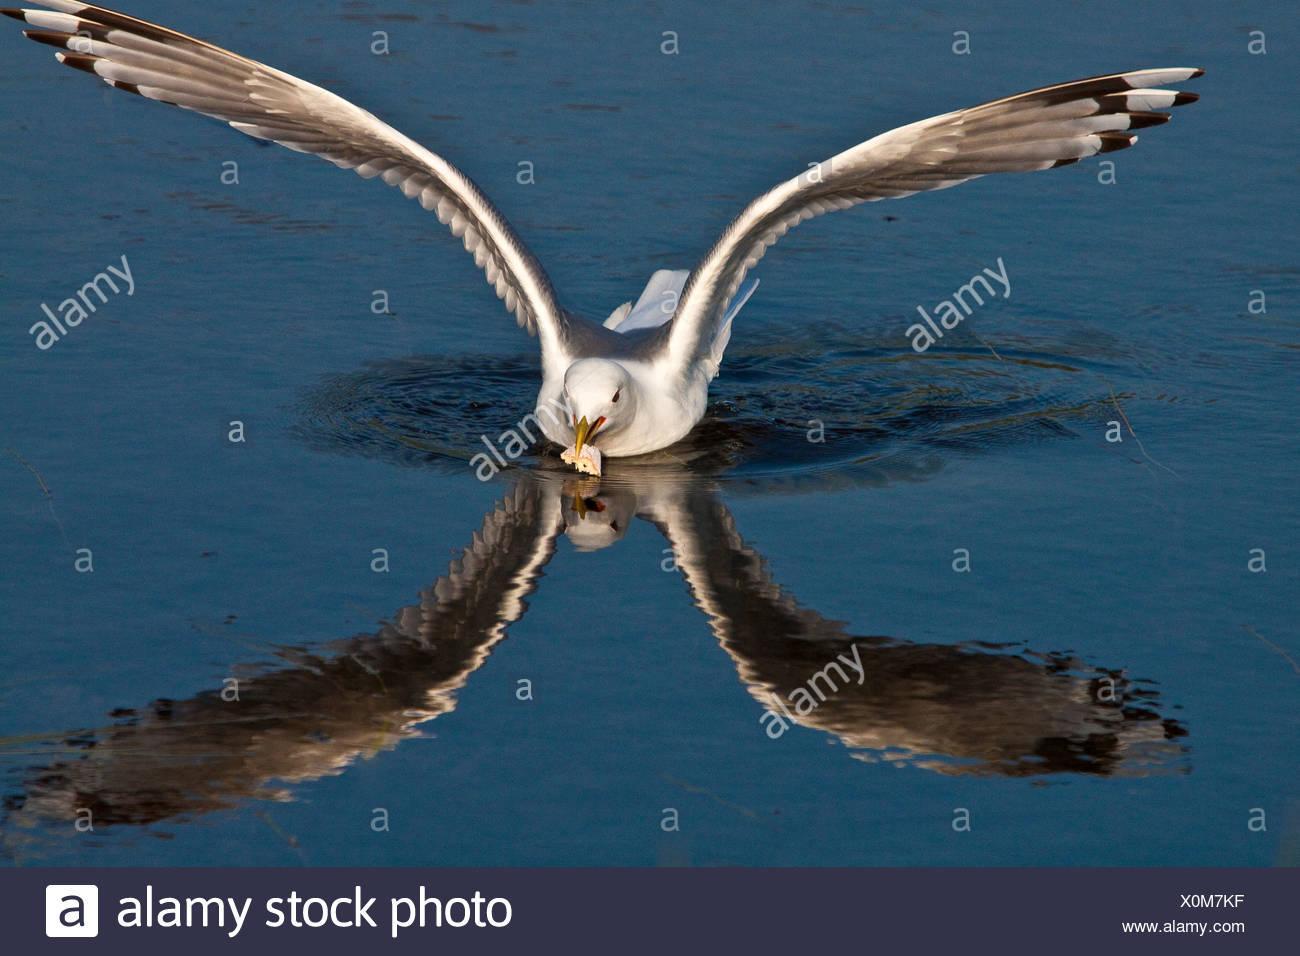 Reflection of Kittiwake Gull landing in water at Potter Marsh - Stock Image